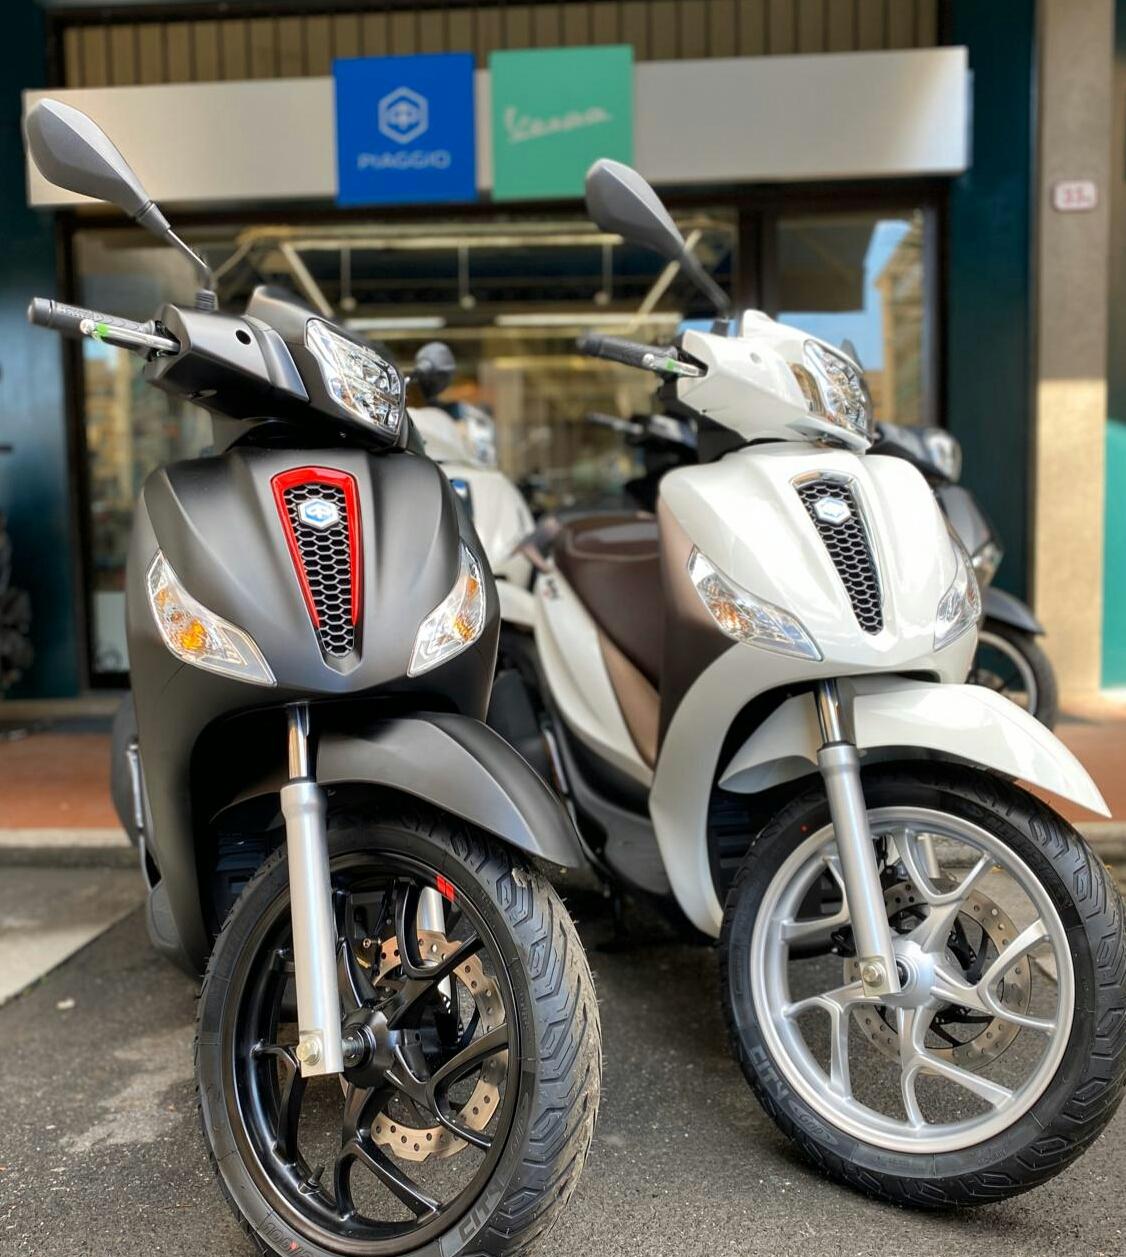 Vendita Veicoli Piaggio (Imperia) | Vendita Moto e Scooter Piaggio Ventimiglia (Imperia) | QUATTRONE MOTORI